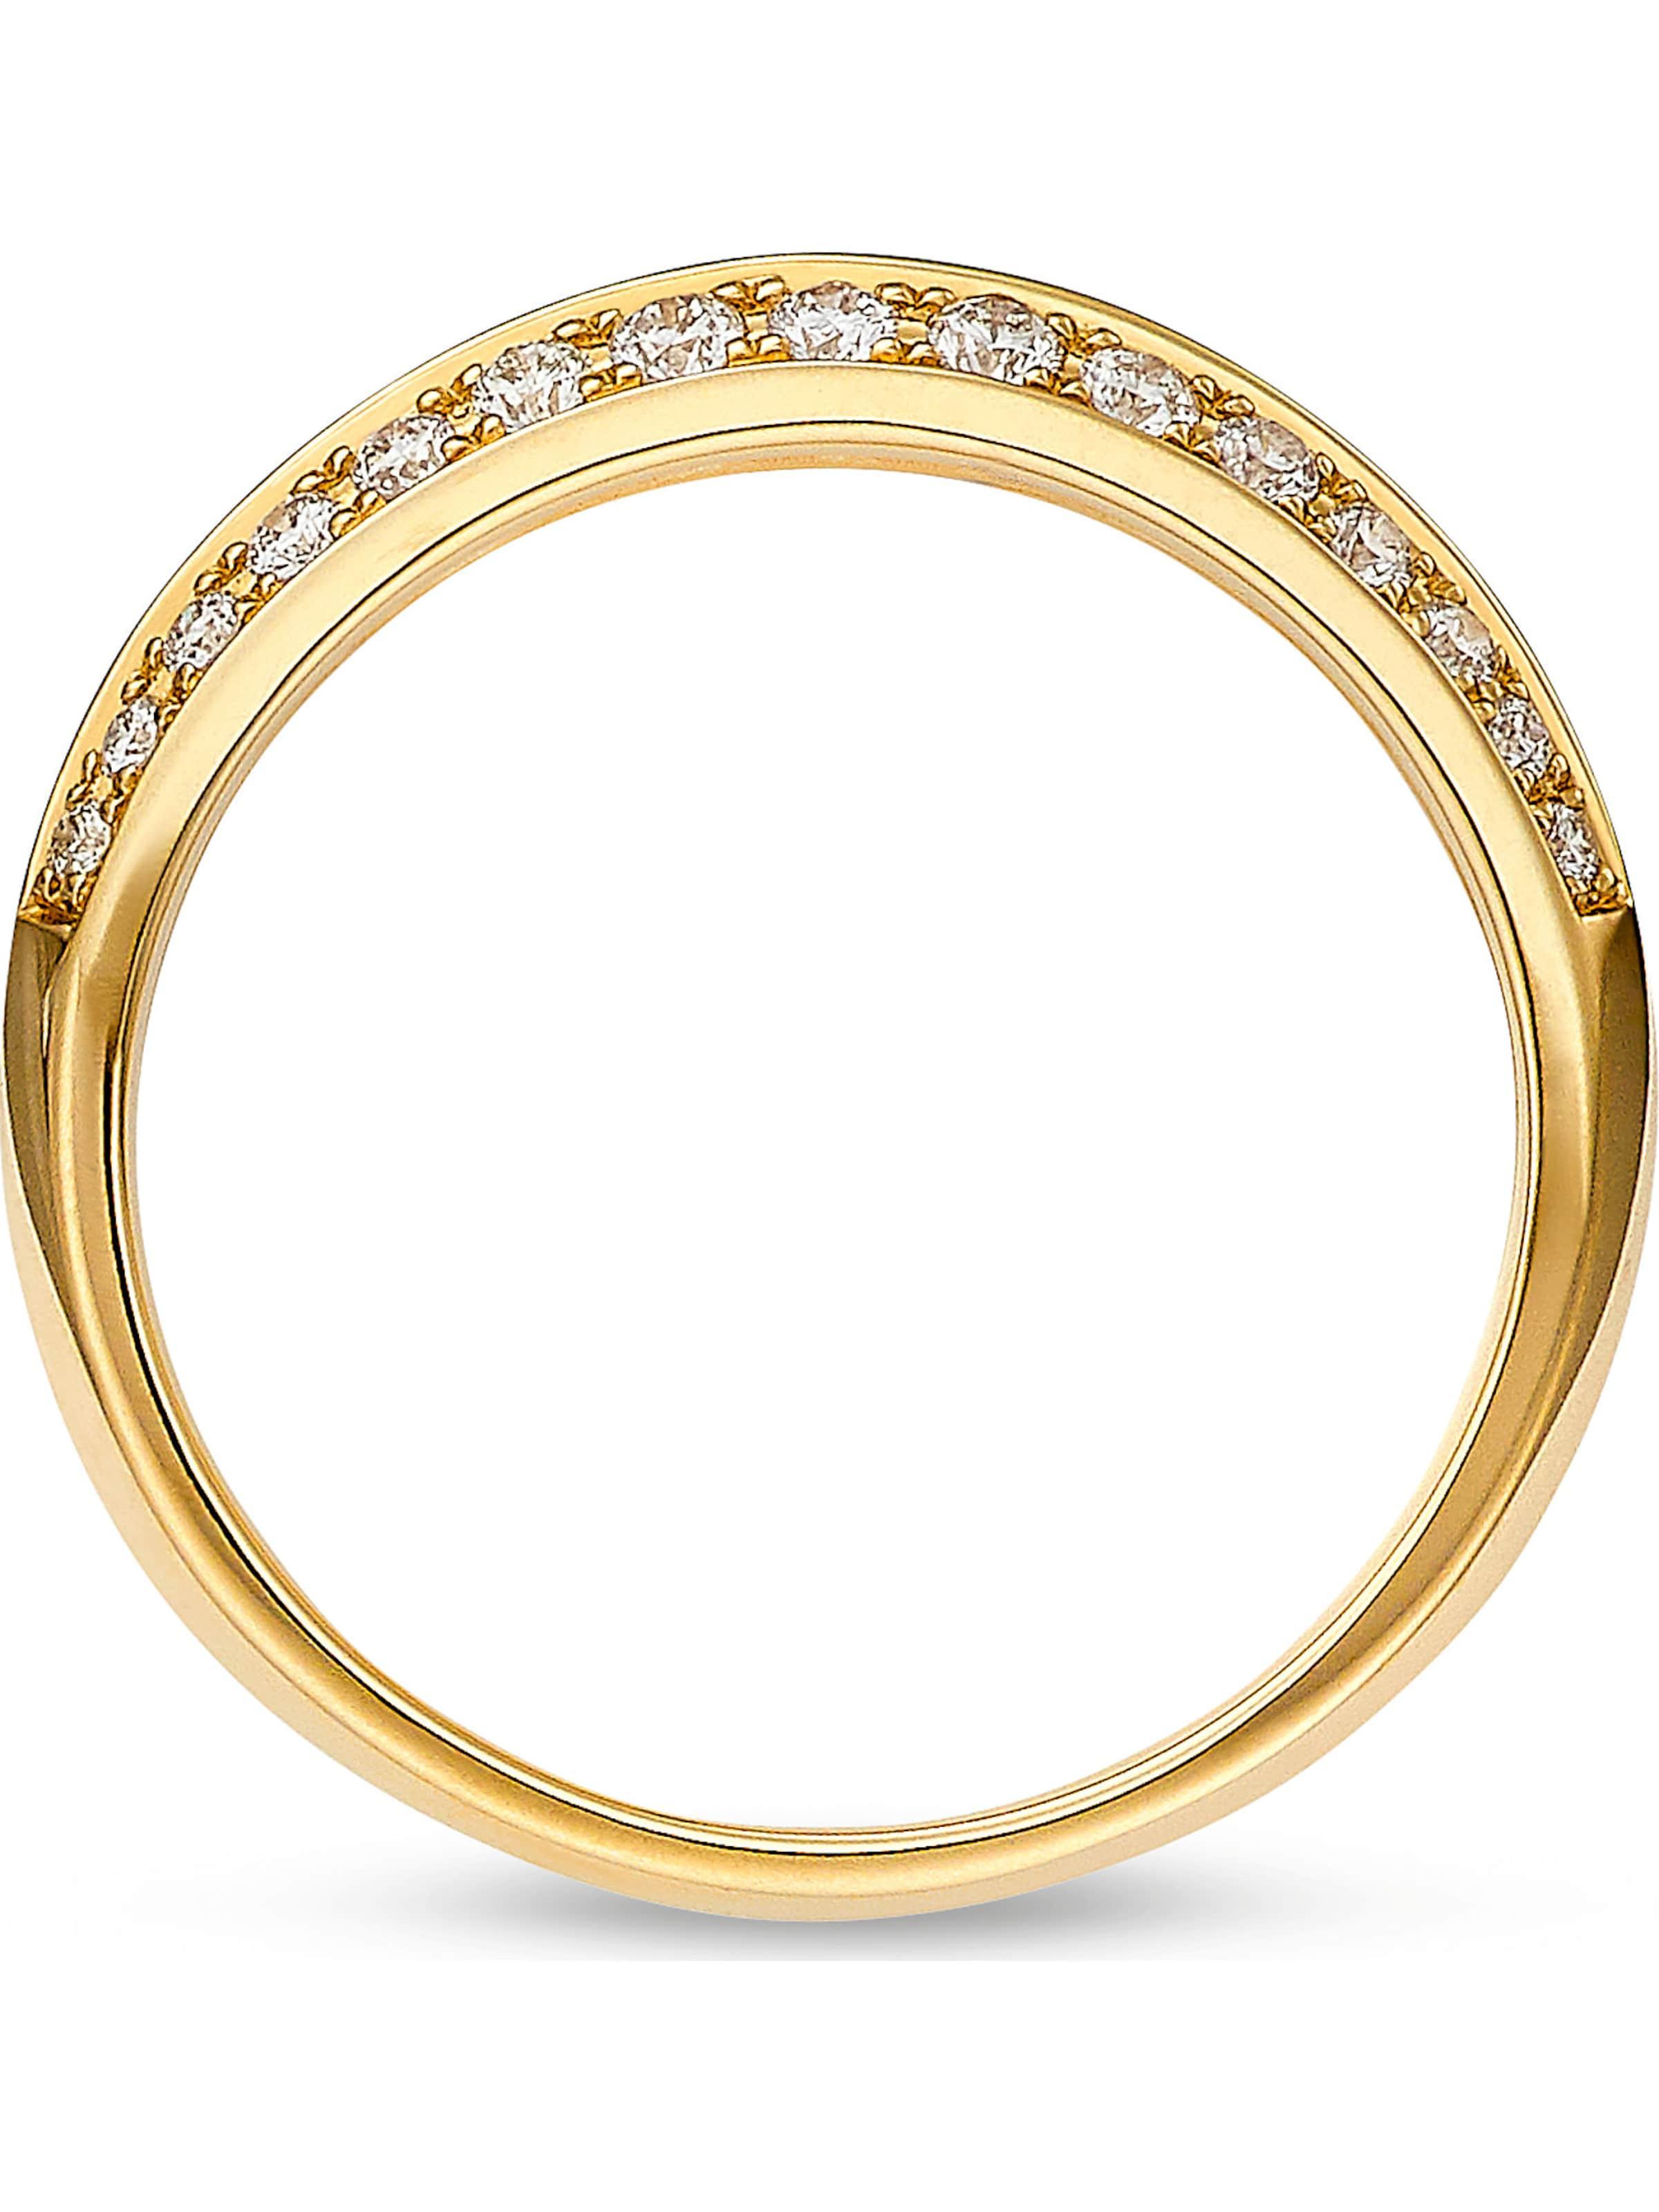 Christ Gold Ring '87575985' '87575985' In Christ Ring nwOPk08